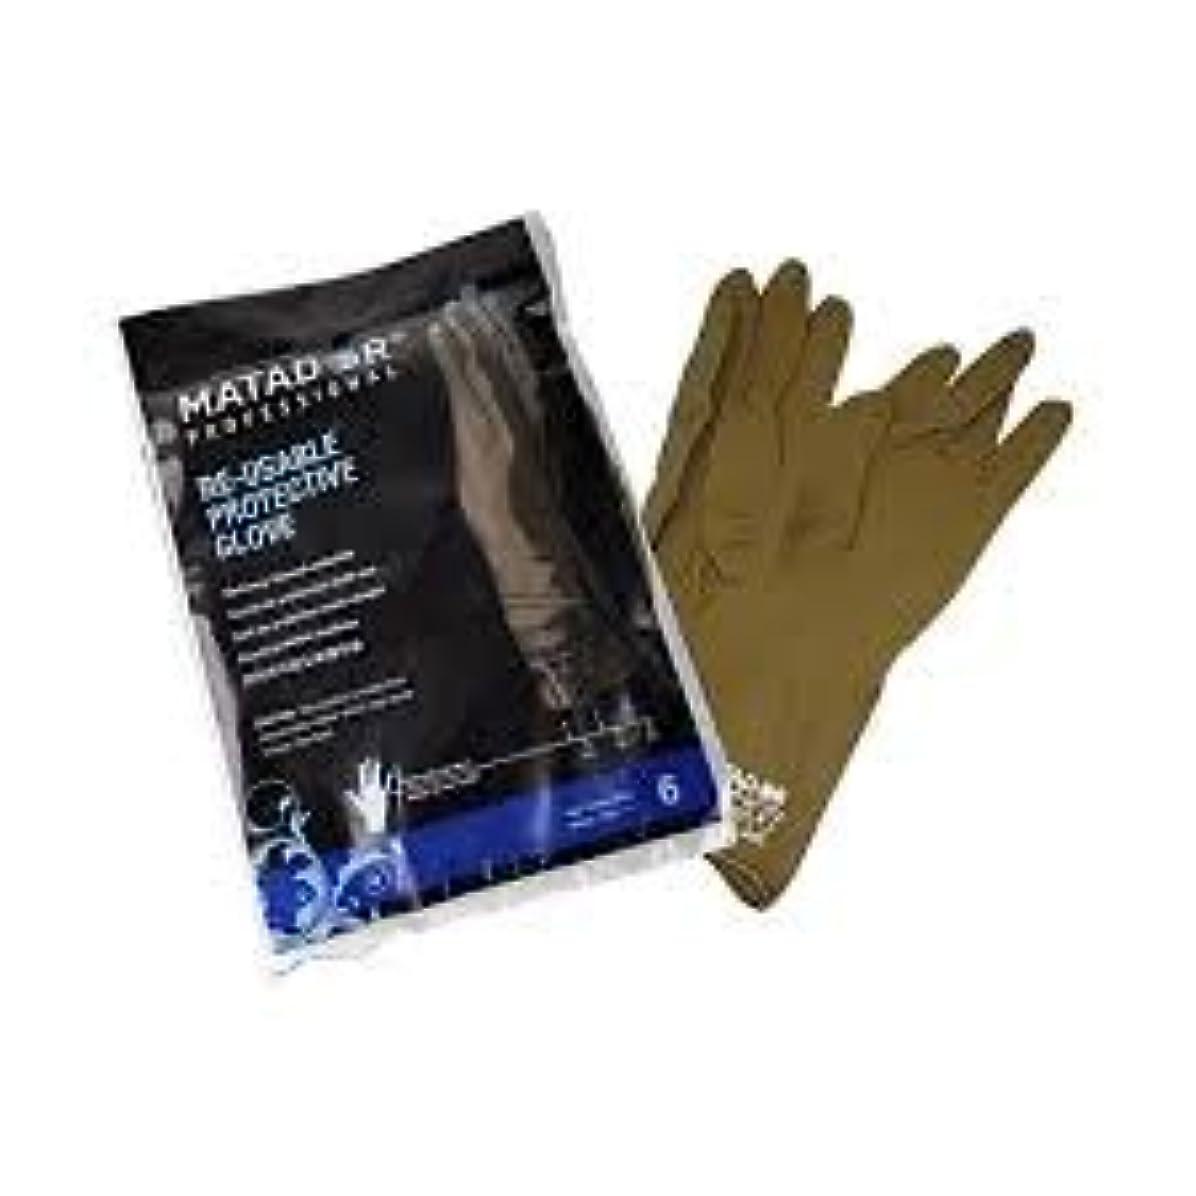 復活するマーガレットミッチェルセンチメートルマタドールゴム手袋 6.0吋 【5個セット】